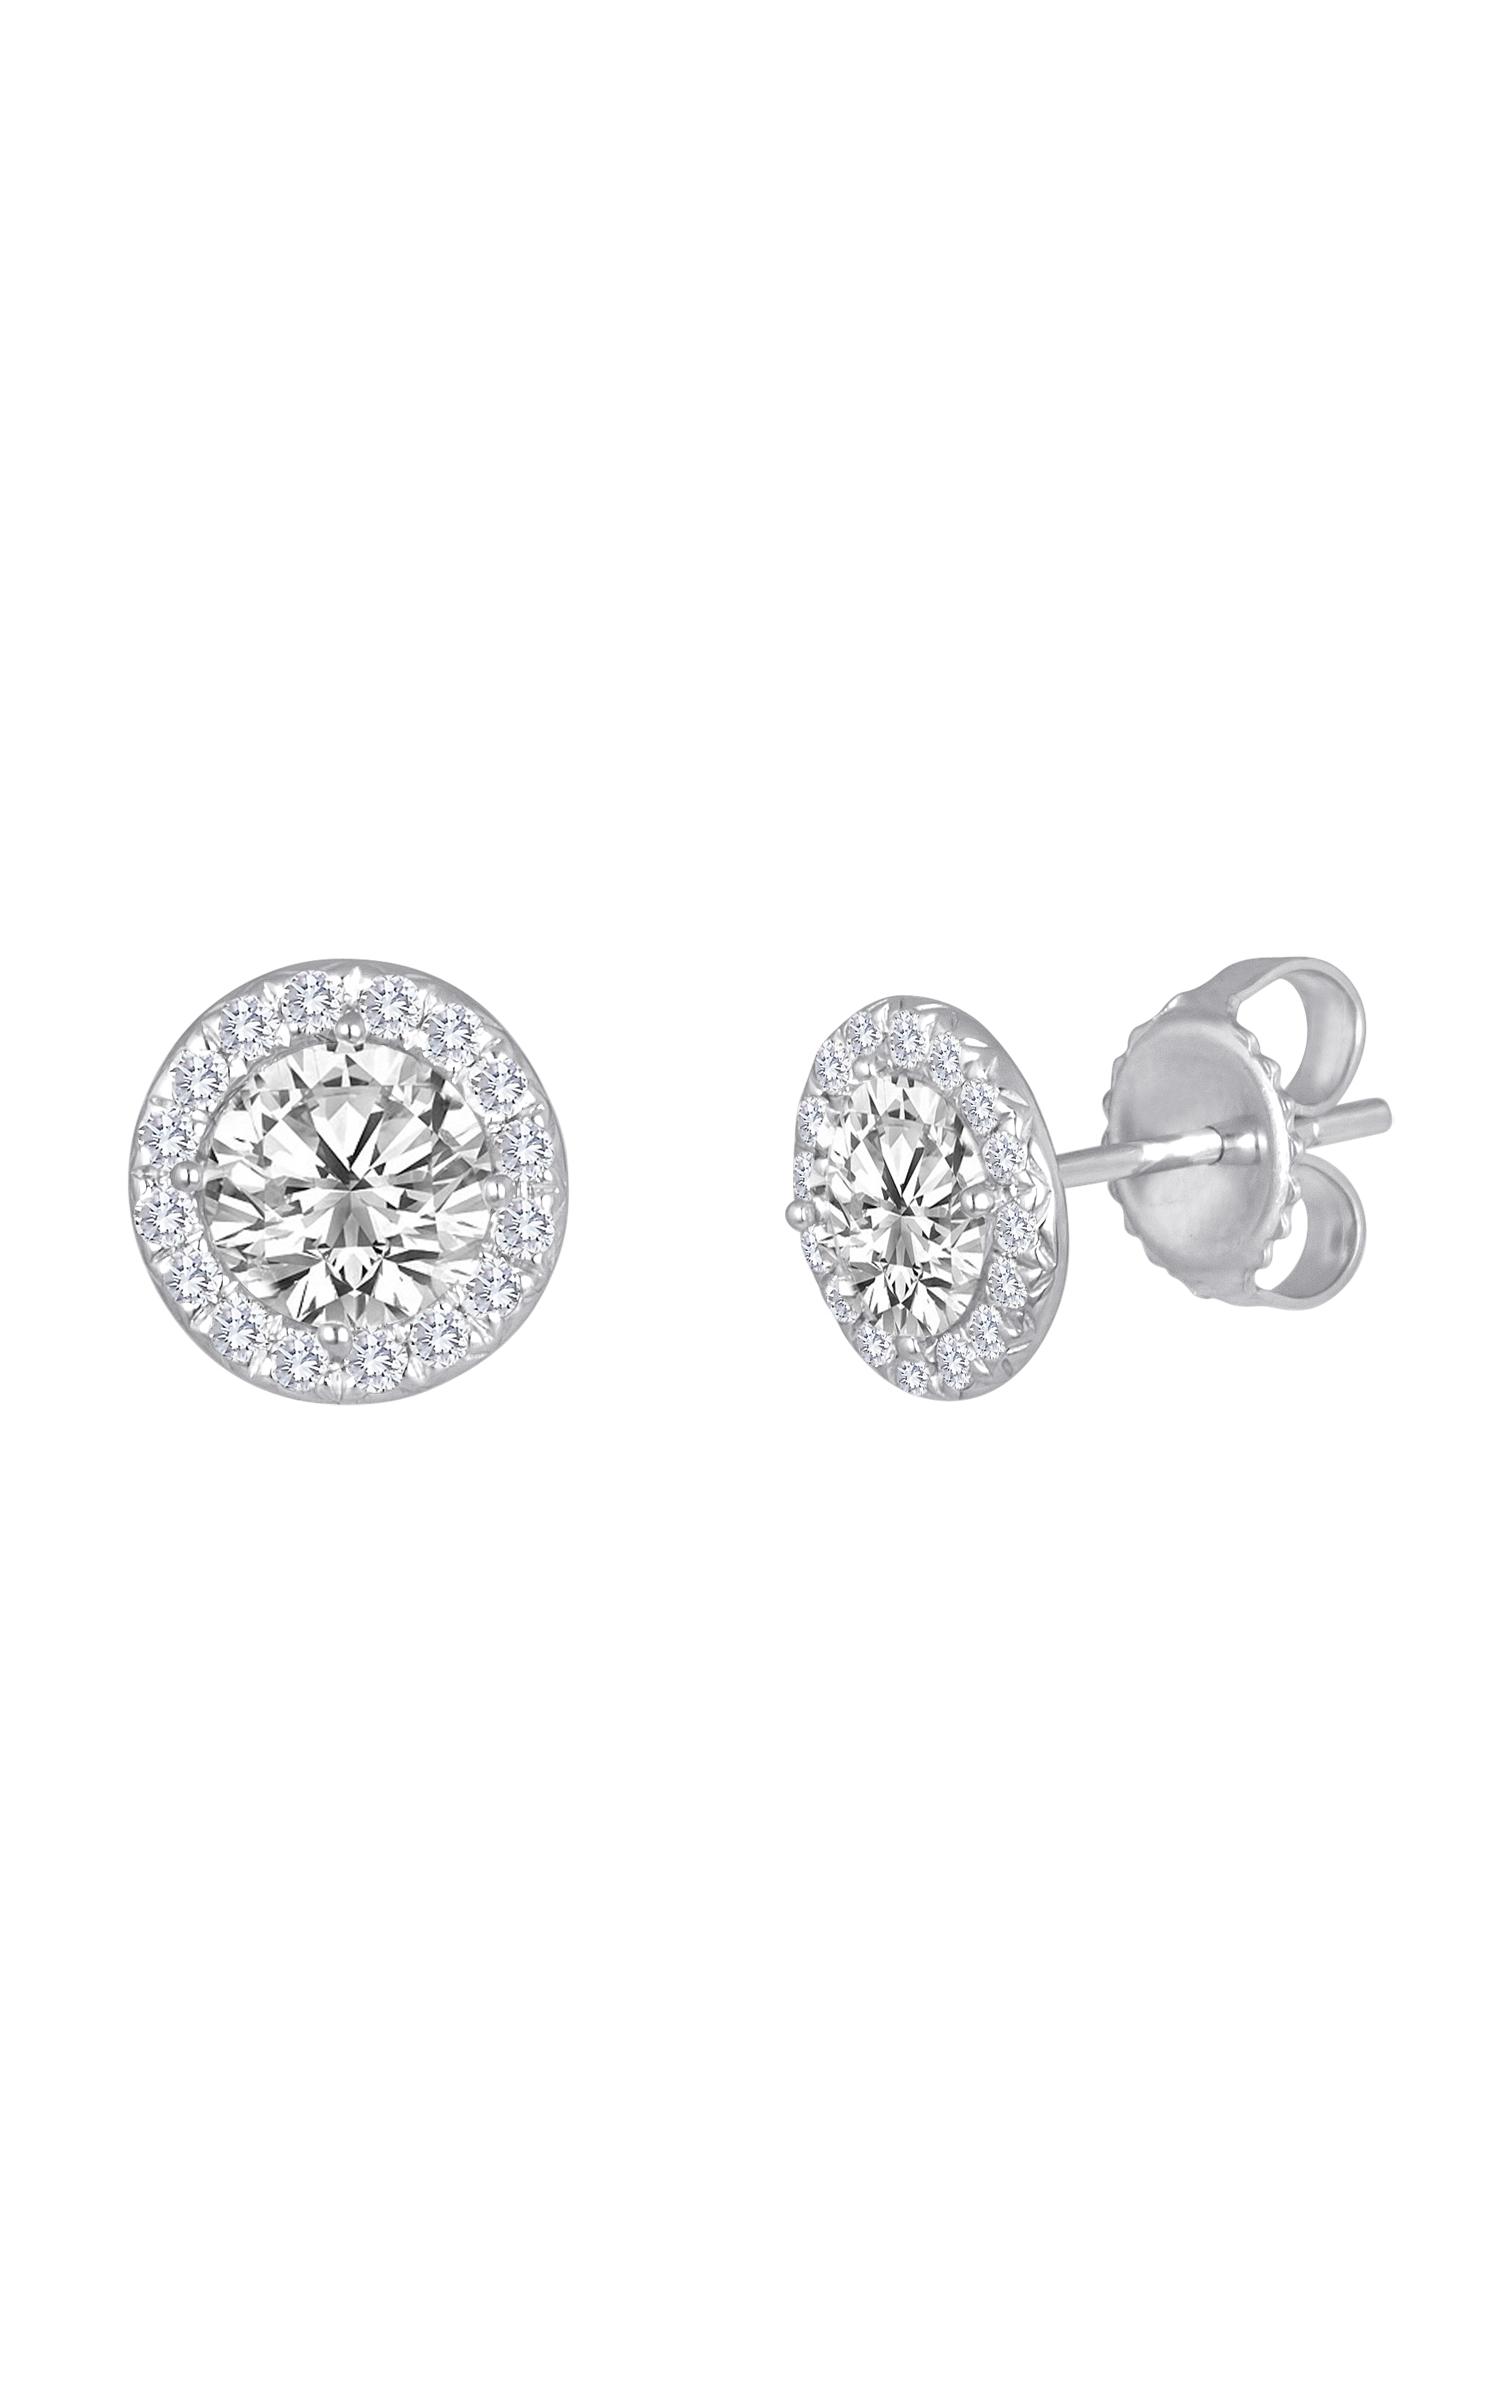 Beny Sofer Earrings Earring SE12-146-4C product image